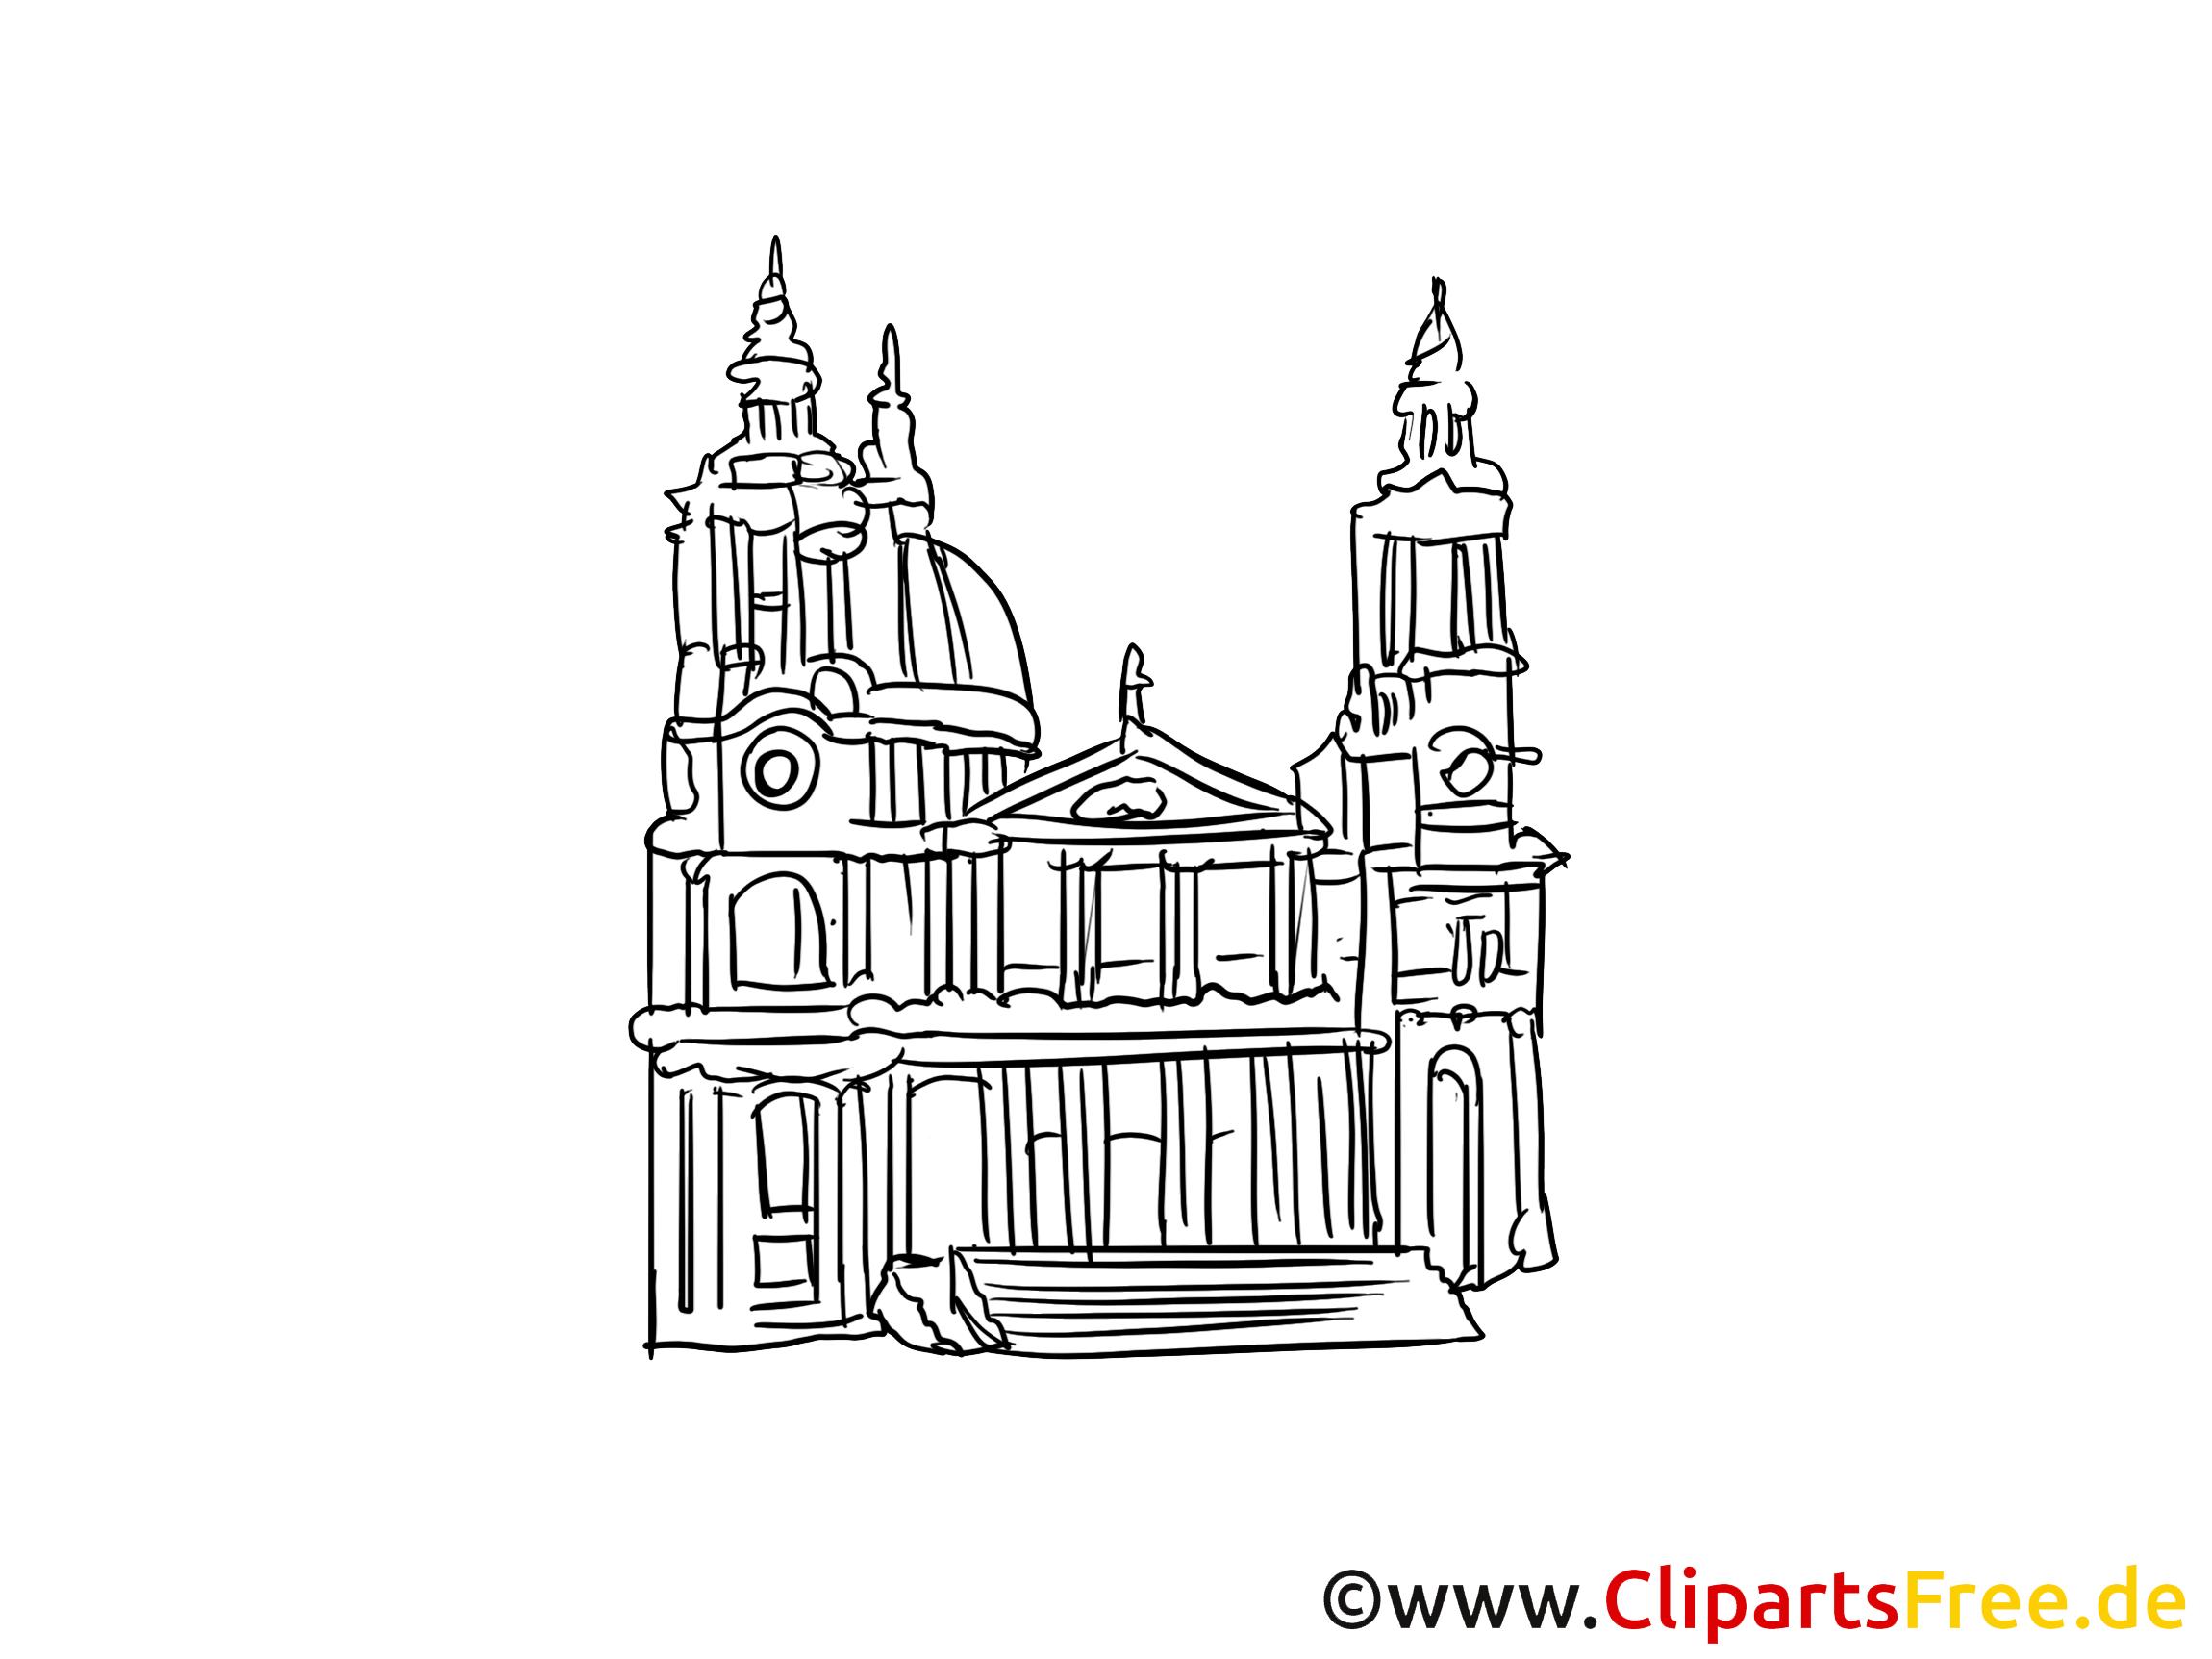 Église images - Cathédrale clip art gratuit